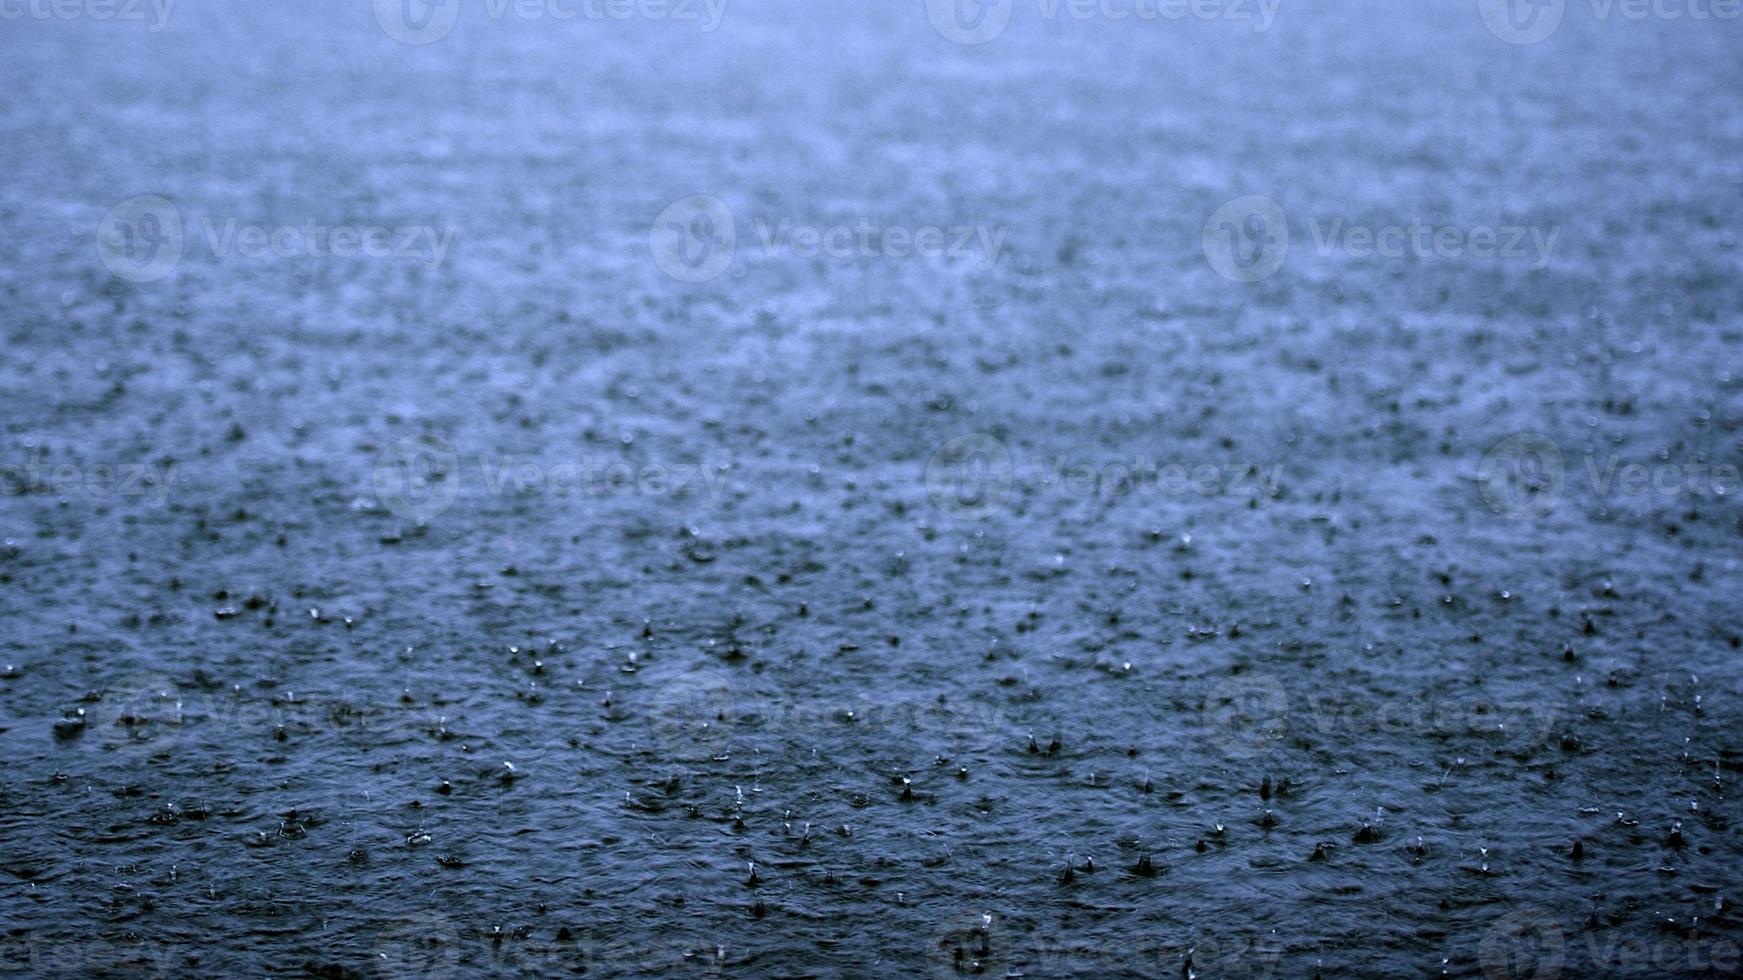 lago de lluvia foto